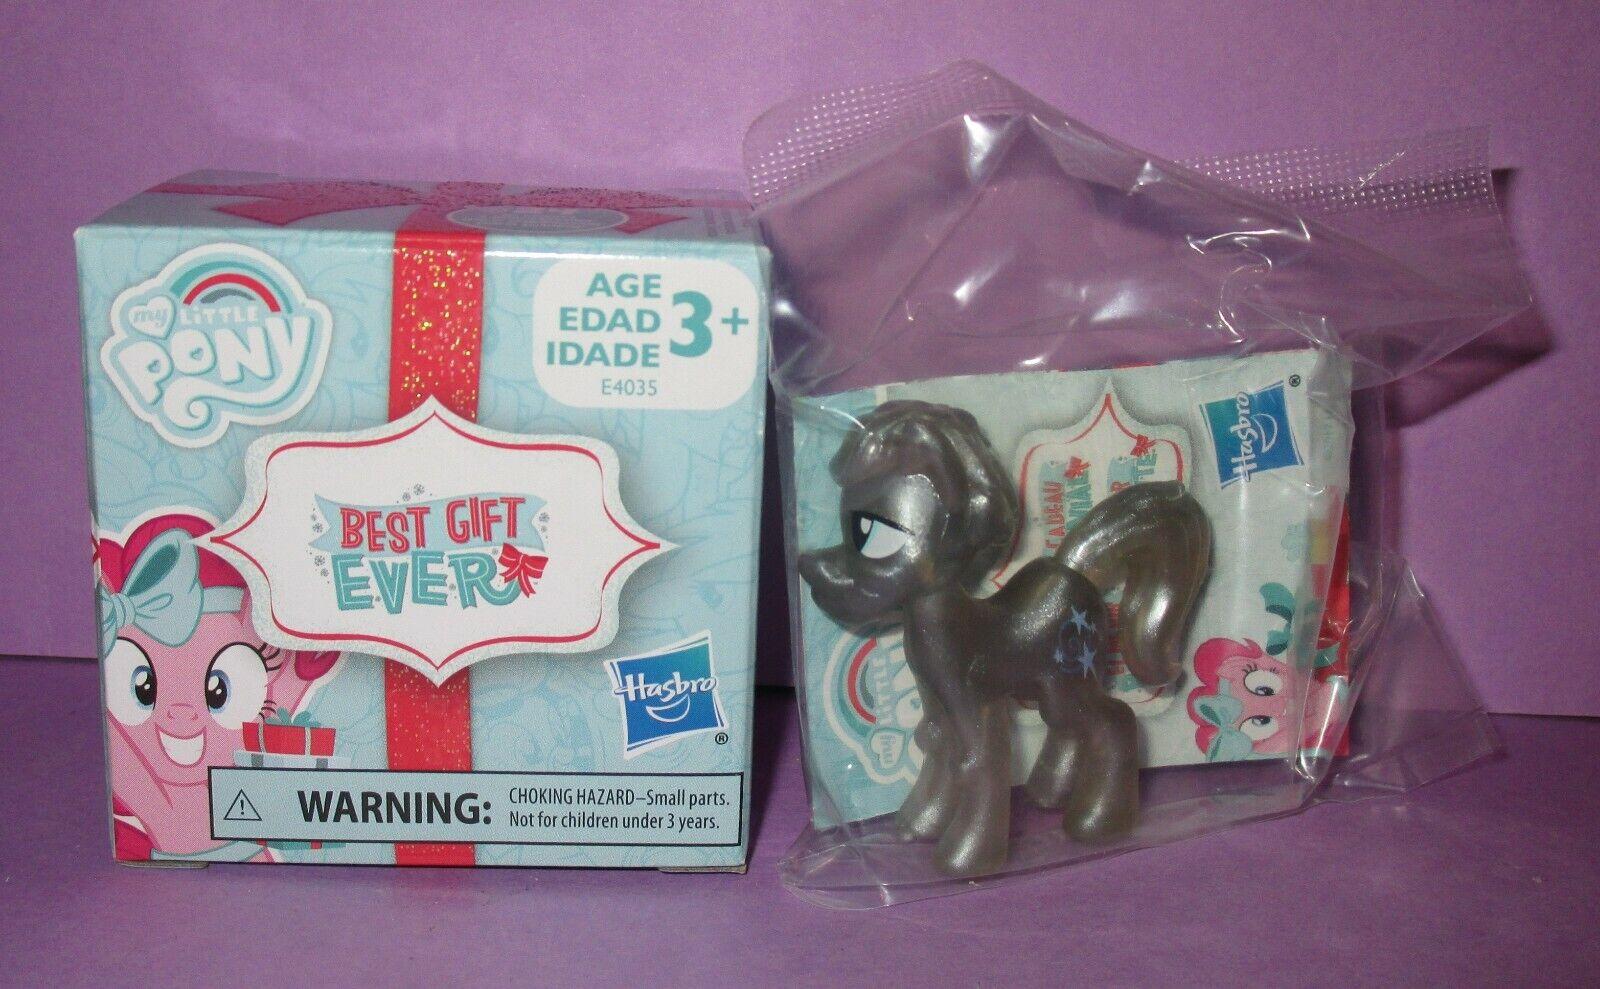 My Little Pony G4 Best Gift Ever Star Swirl the Bearded Rare Blind Bag Figure